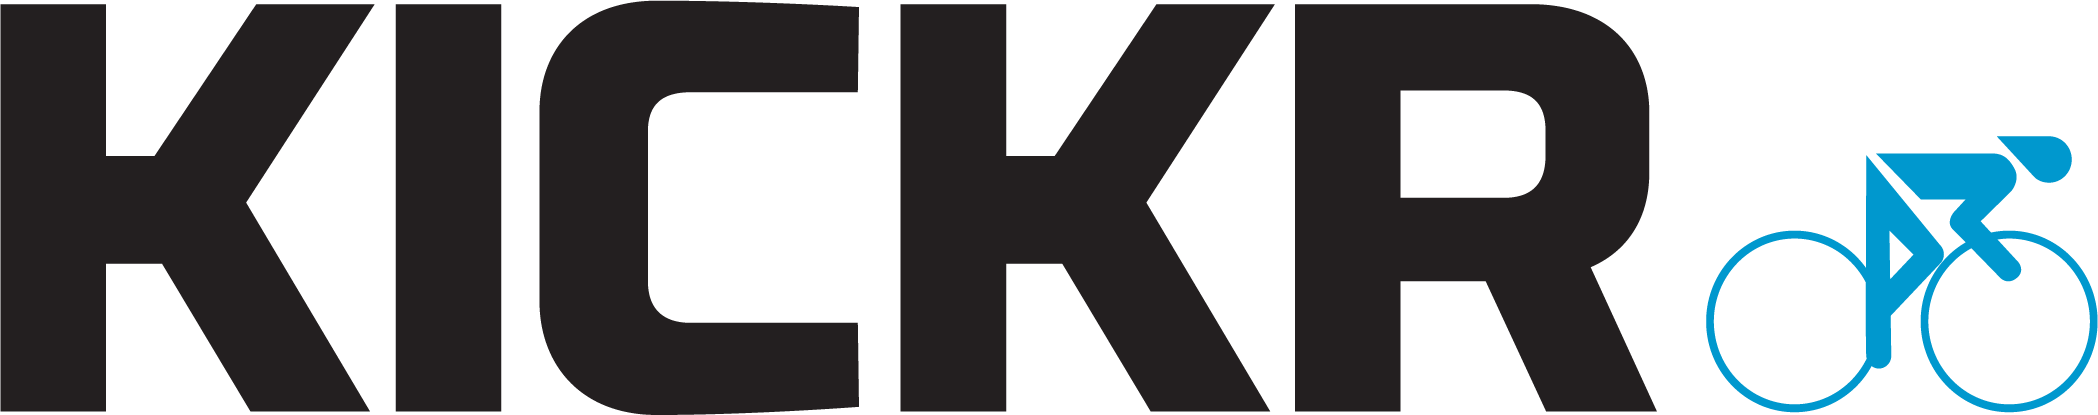 kickr